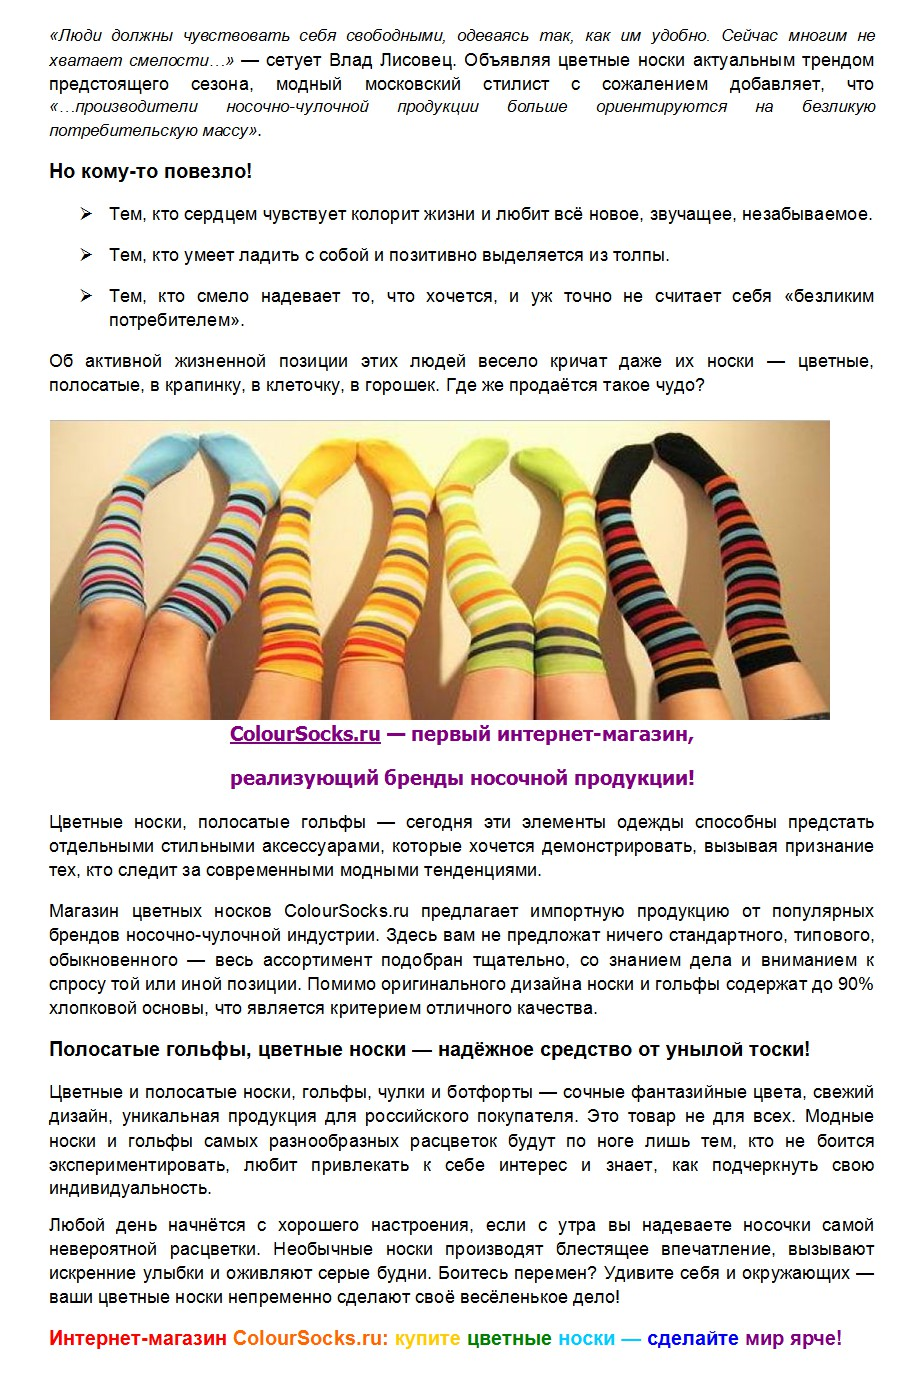 Цветные носки и гольфы